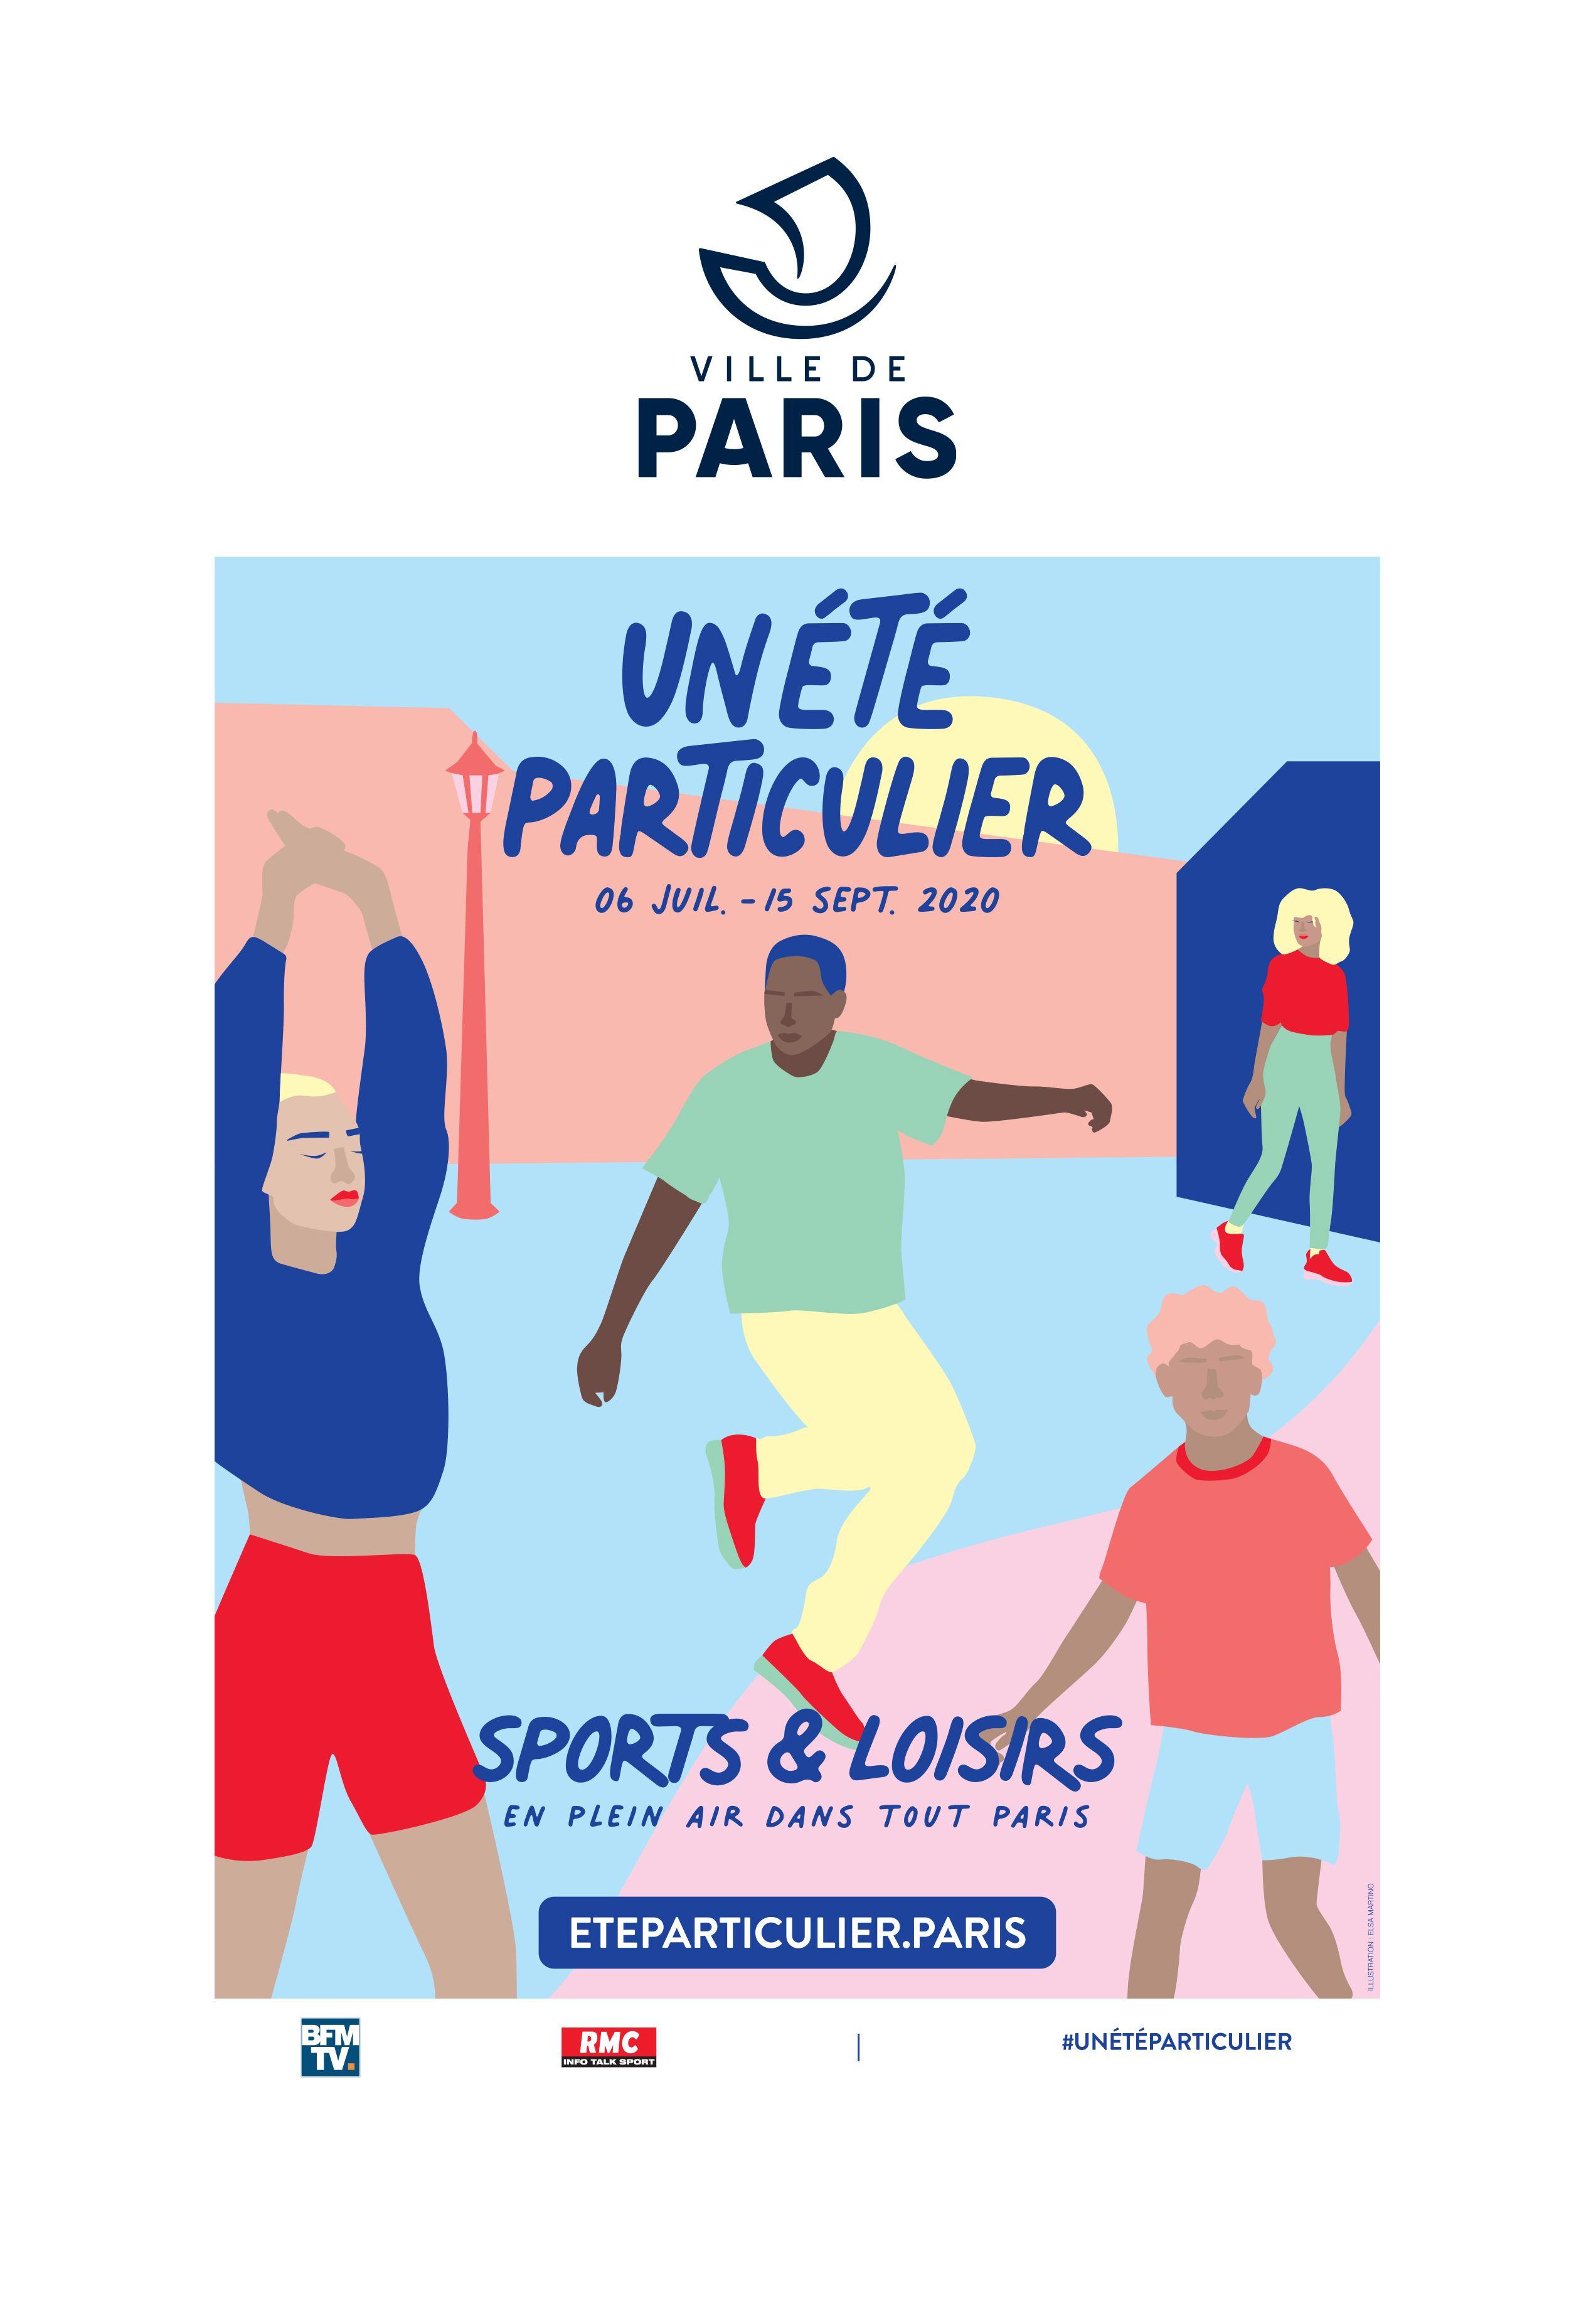 visuel_campagne_communication_affiches_ville_de_paris_plages_lance_un_ete_particulier_programme_estival_2020_animation_pour_parisiens_parisiennes_sport_matin_lafourmi